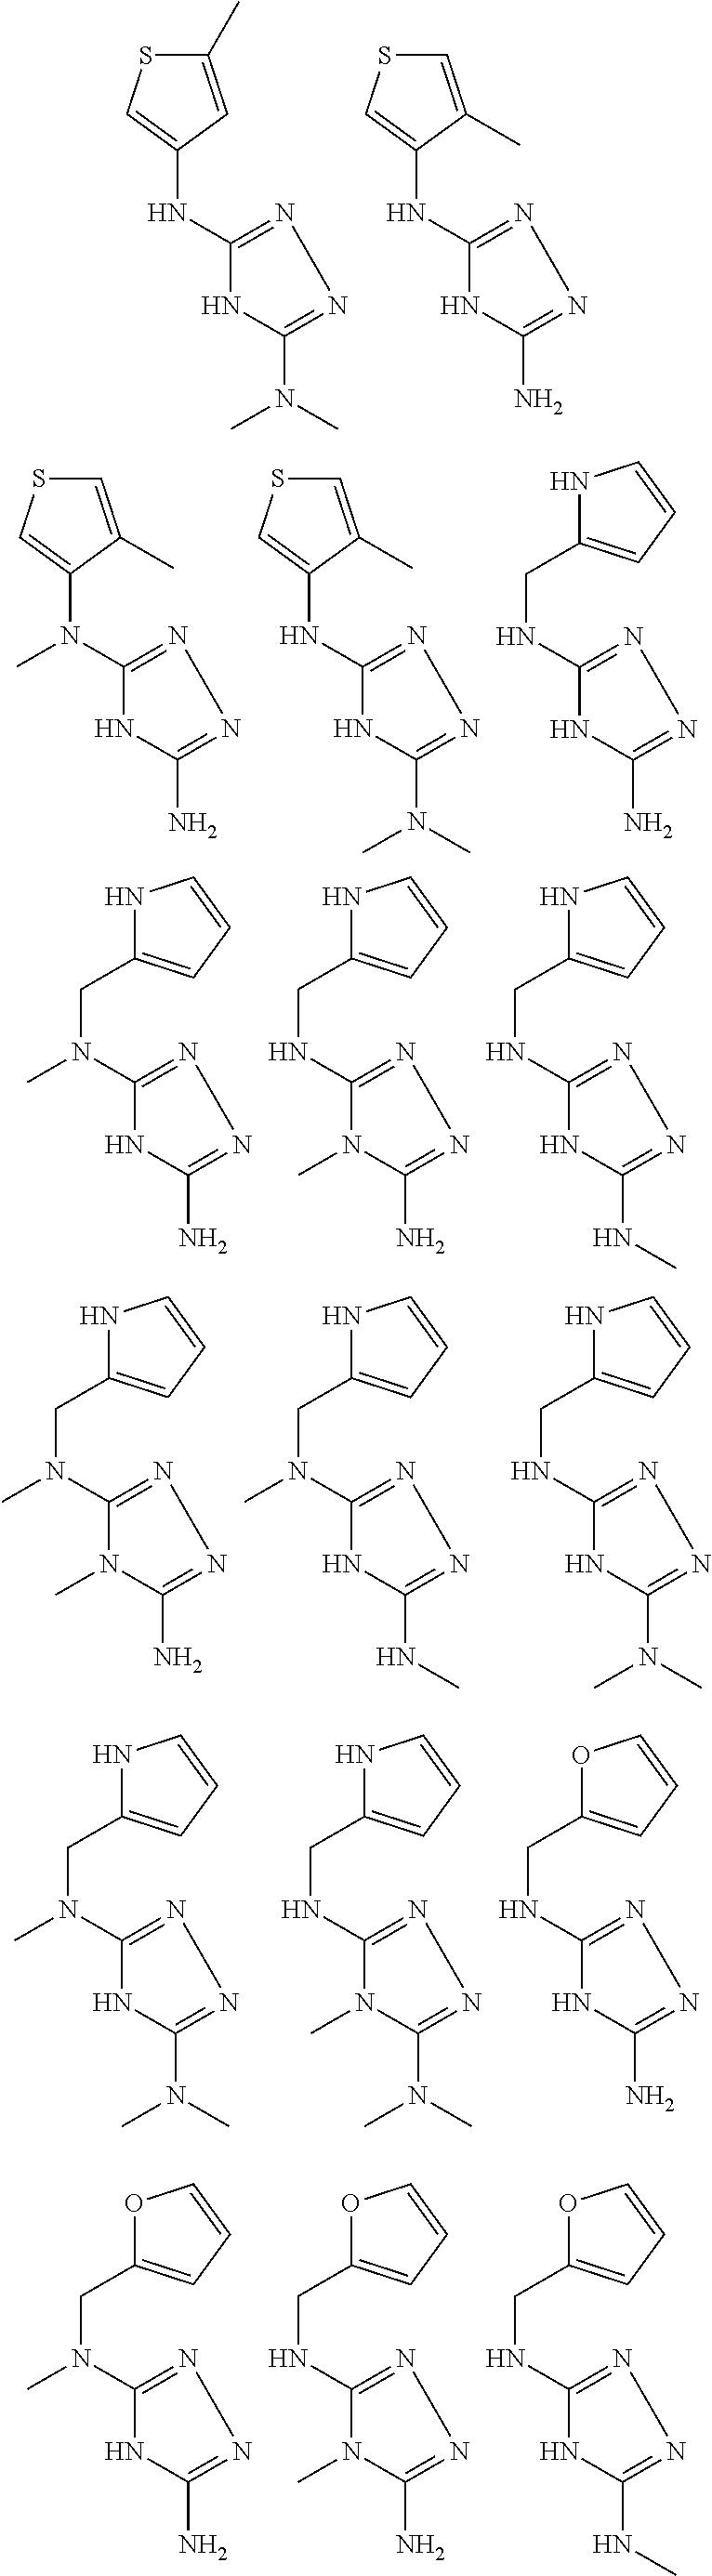 Figure US09480663-20161101-C00076